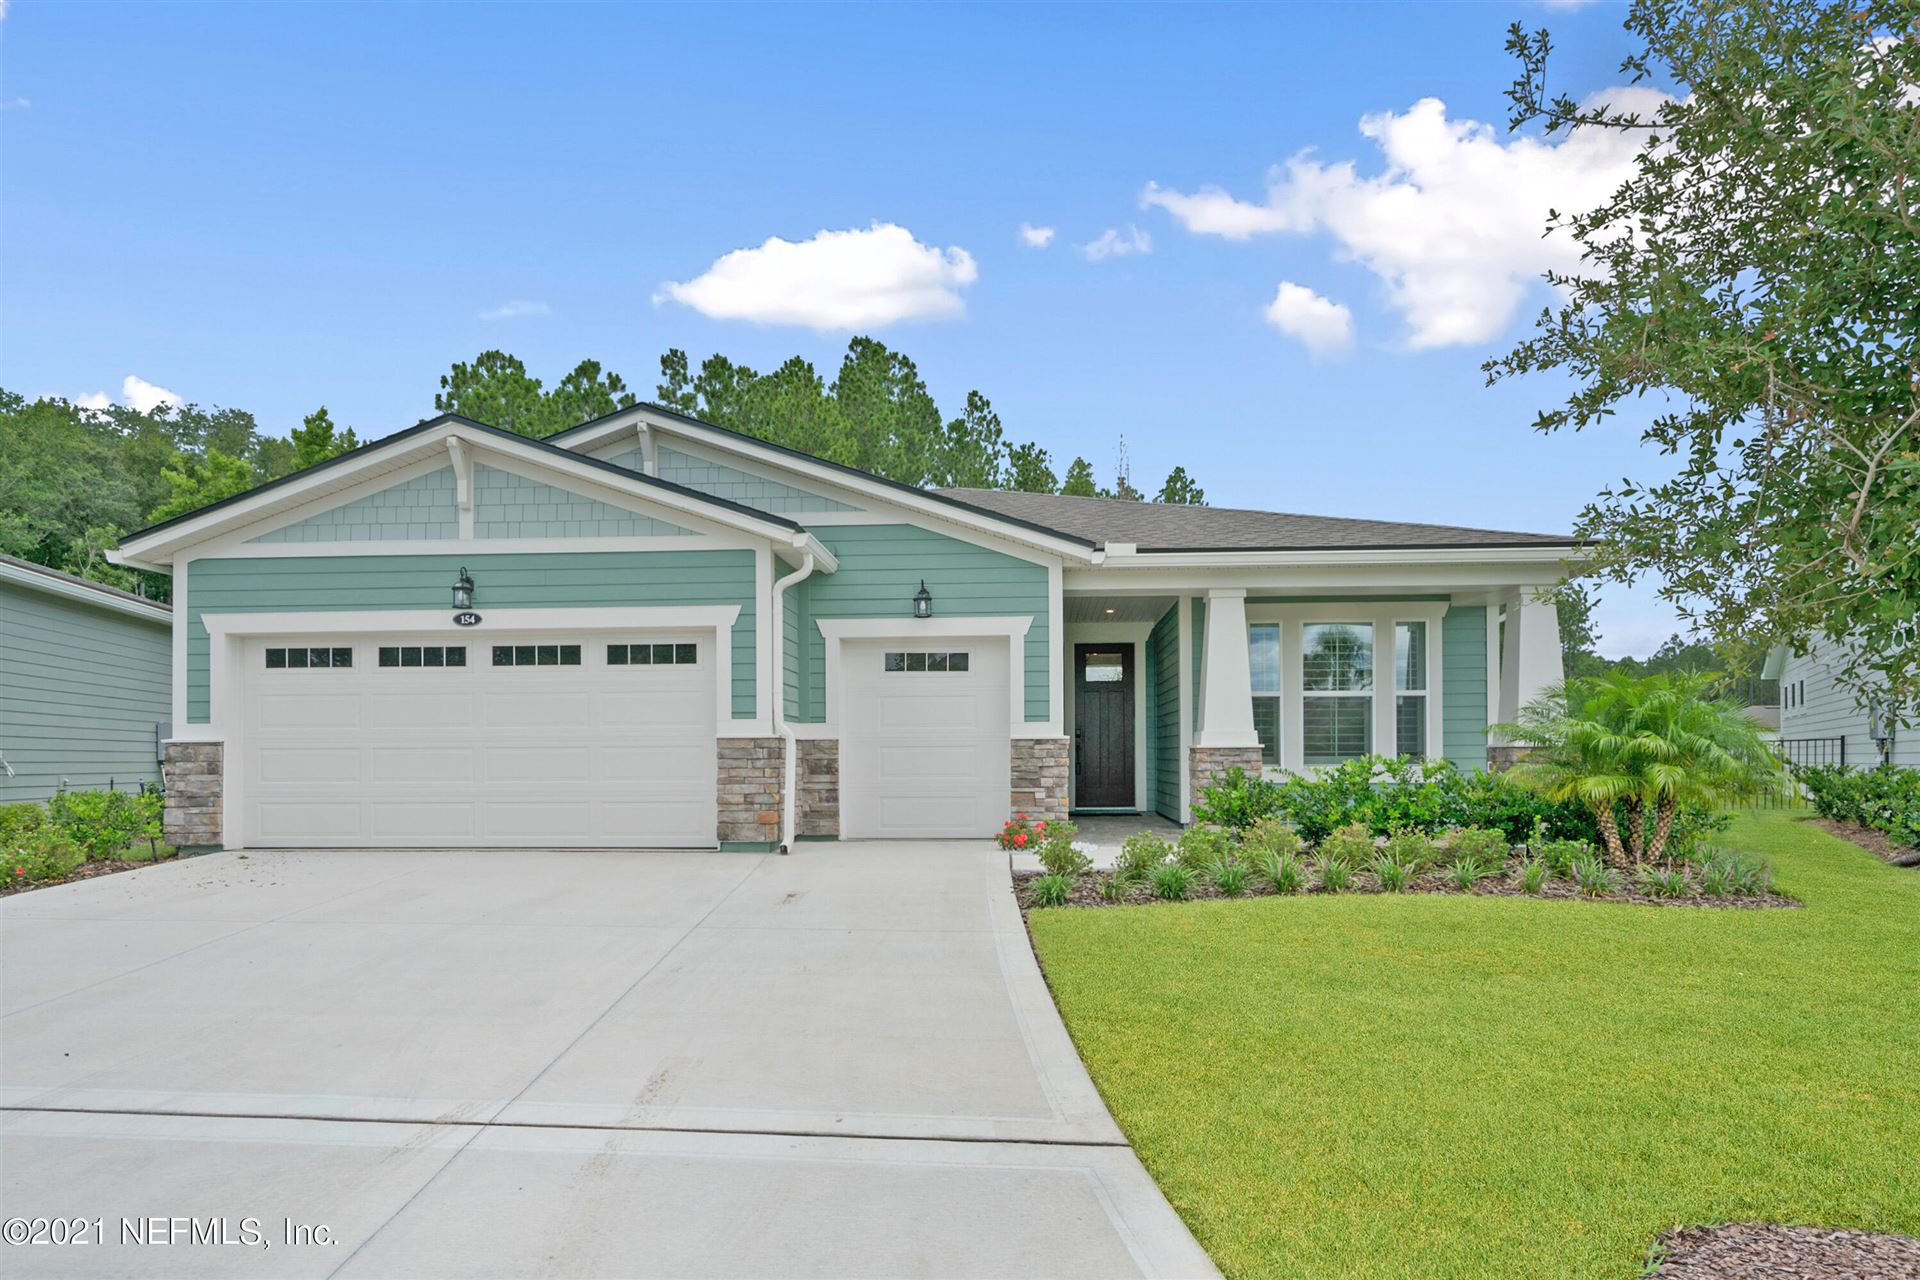 154 KELLET WAY #Lot No: 37, Fruit Cove, FL 32259 - MLS#: 1121079